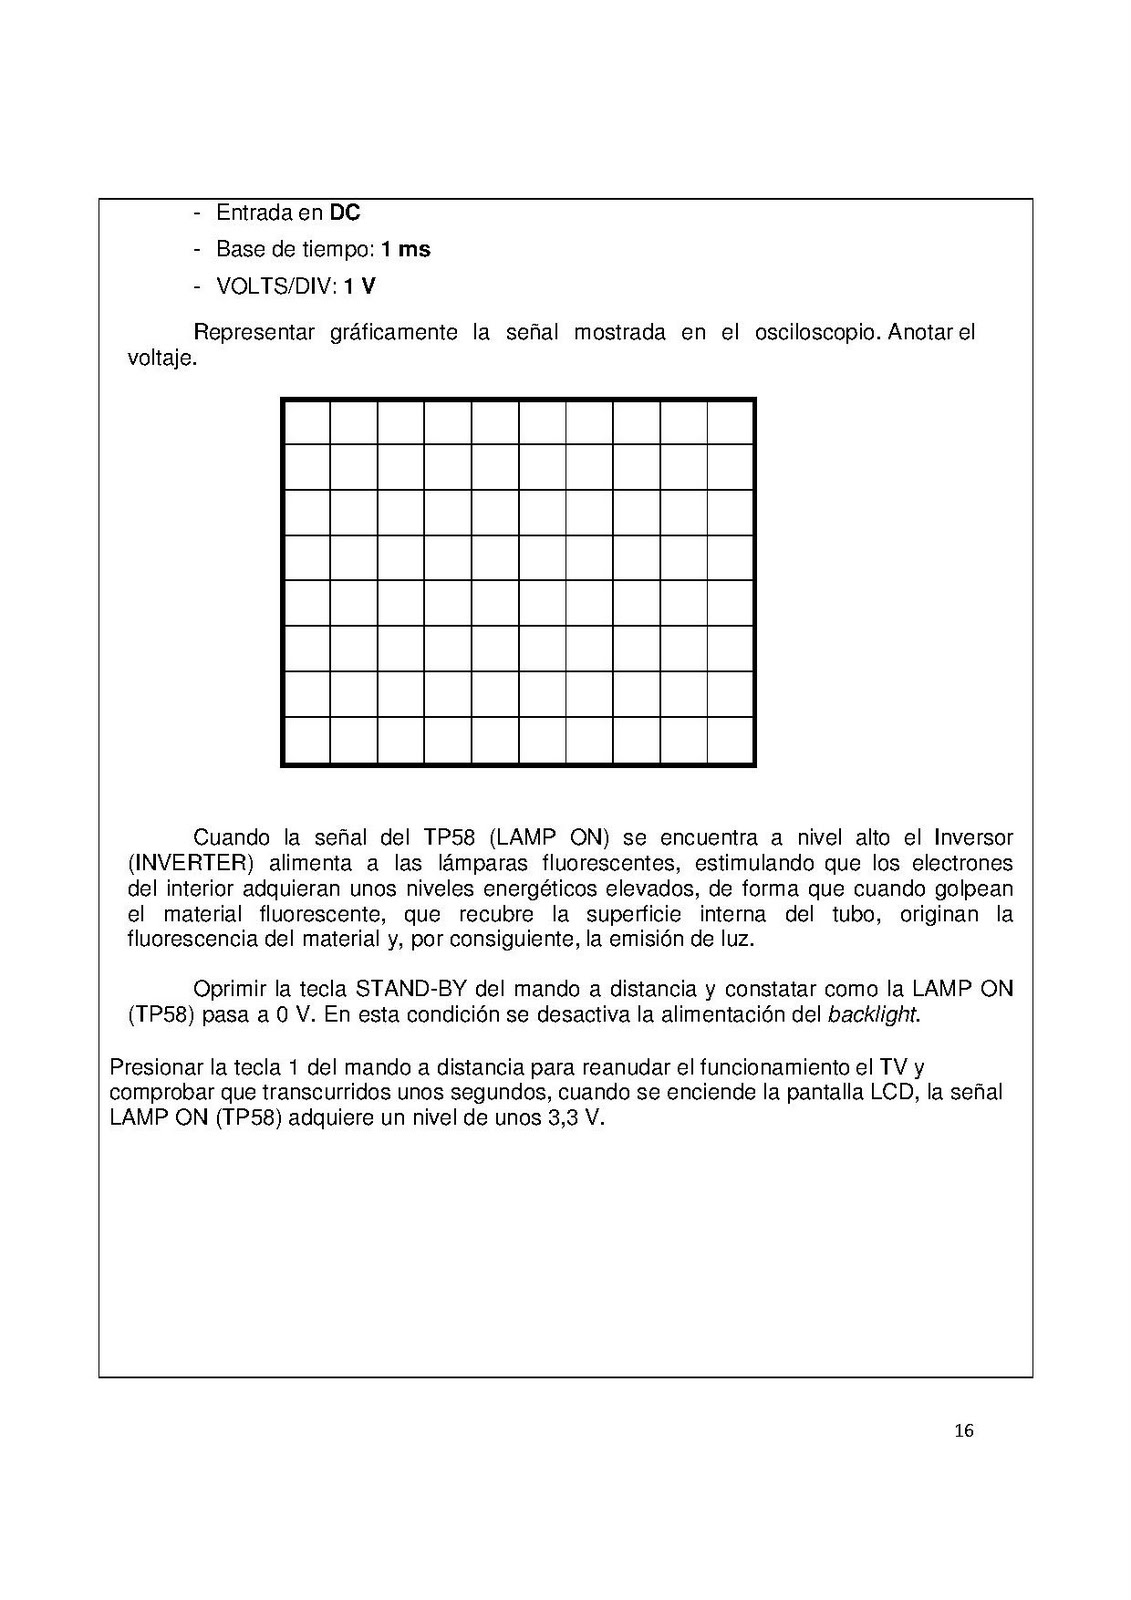 Electronica Cetmar Ensenada: 2011